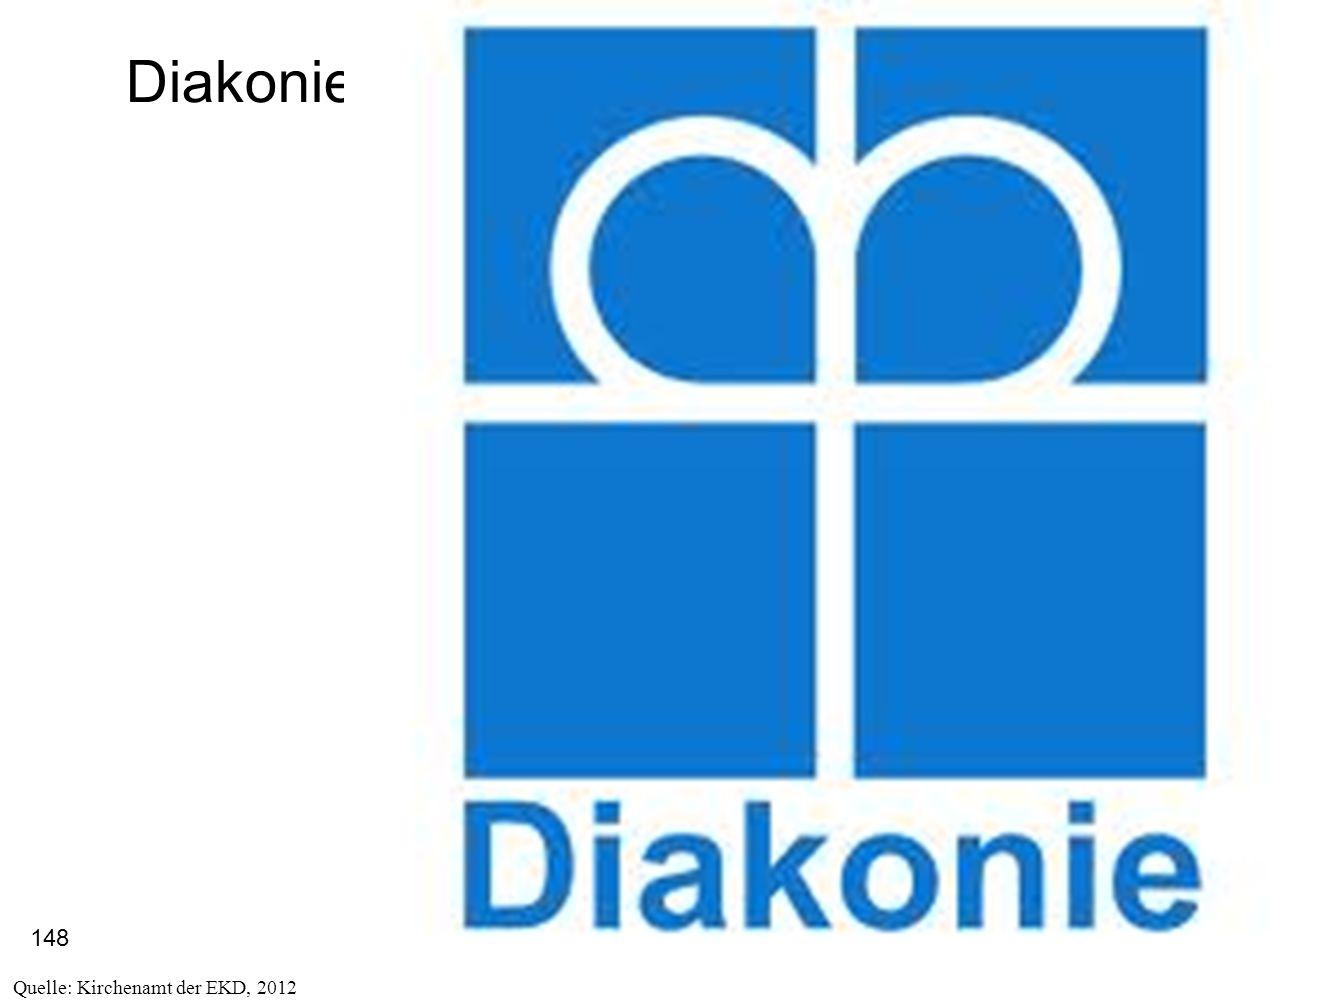 Diakonie Quelle: Kirchenamt der EKD, 2012